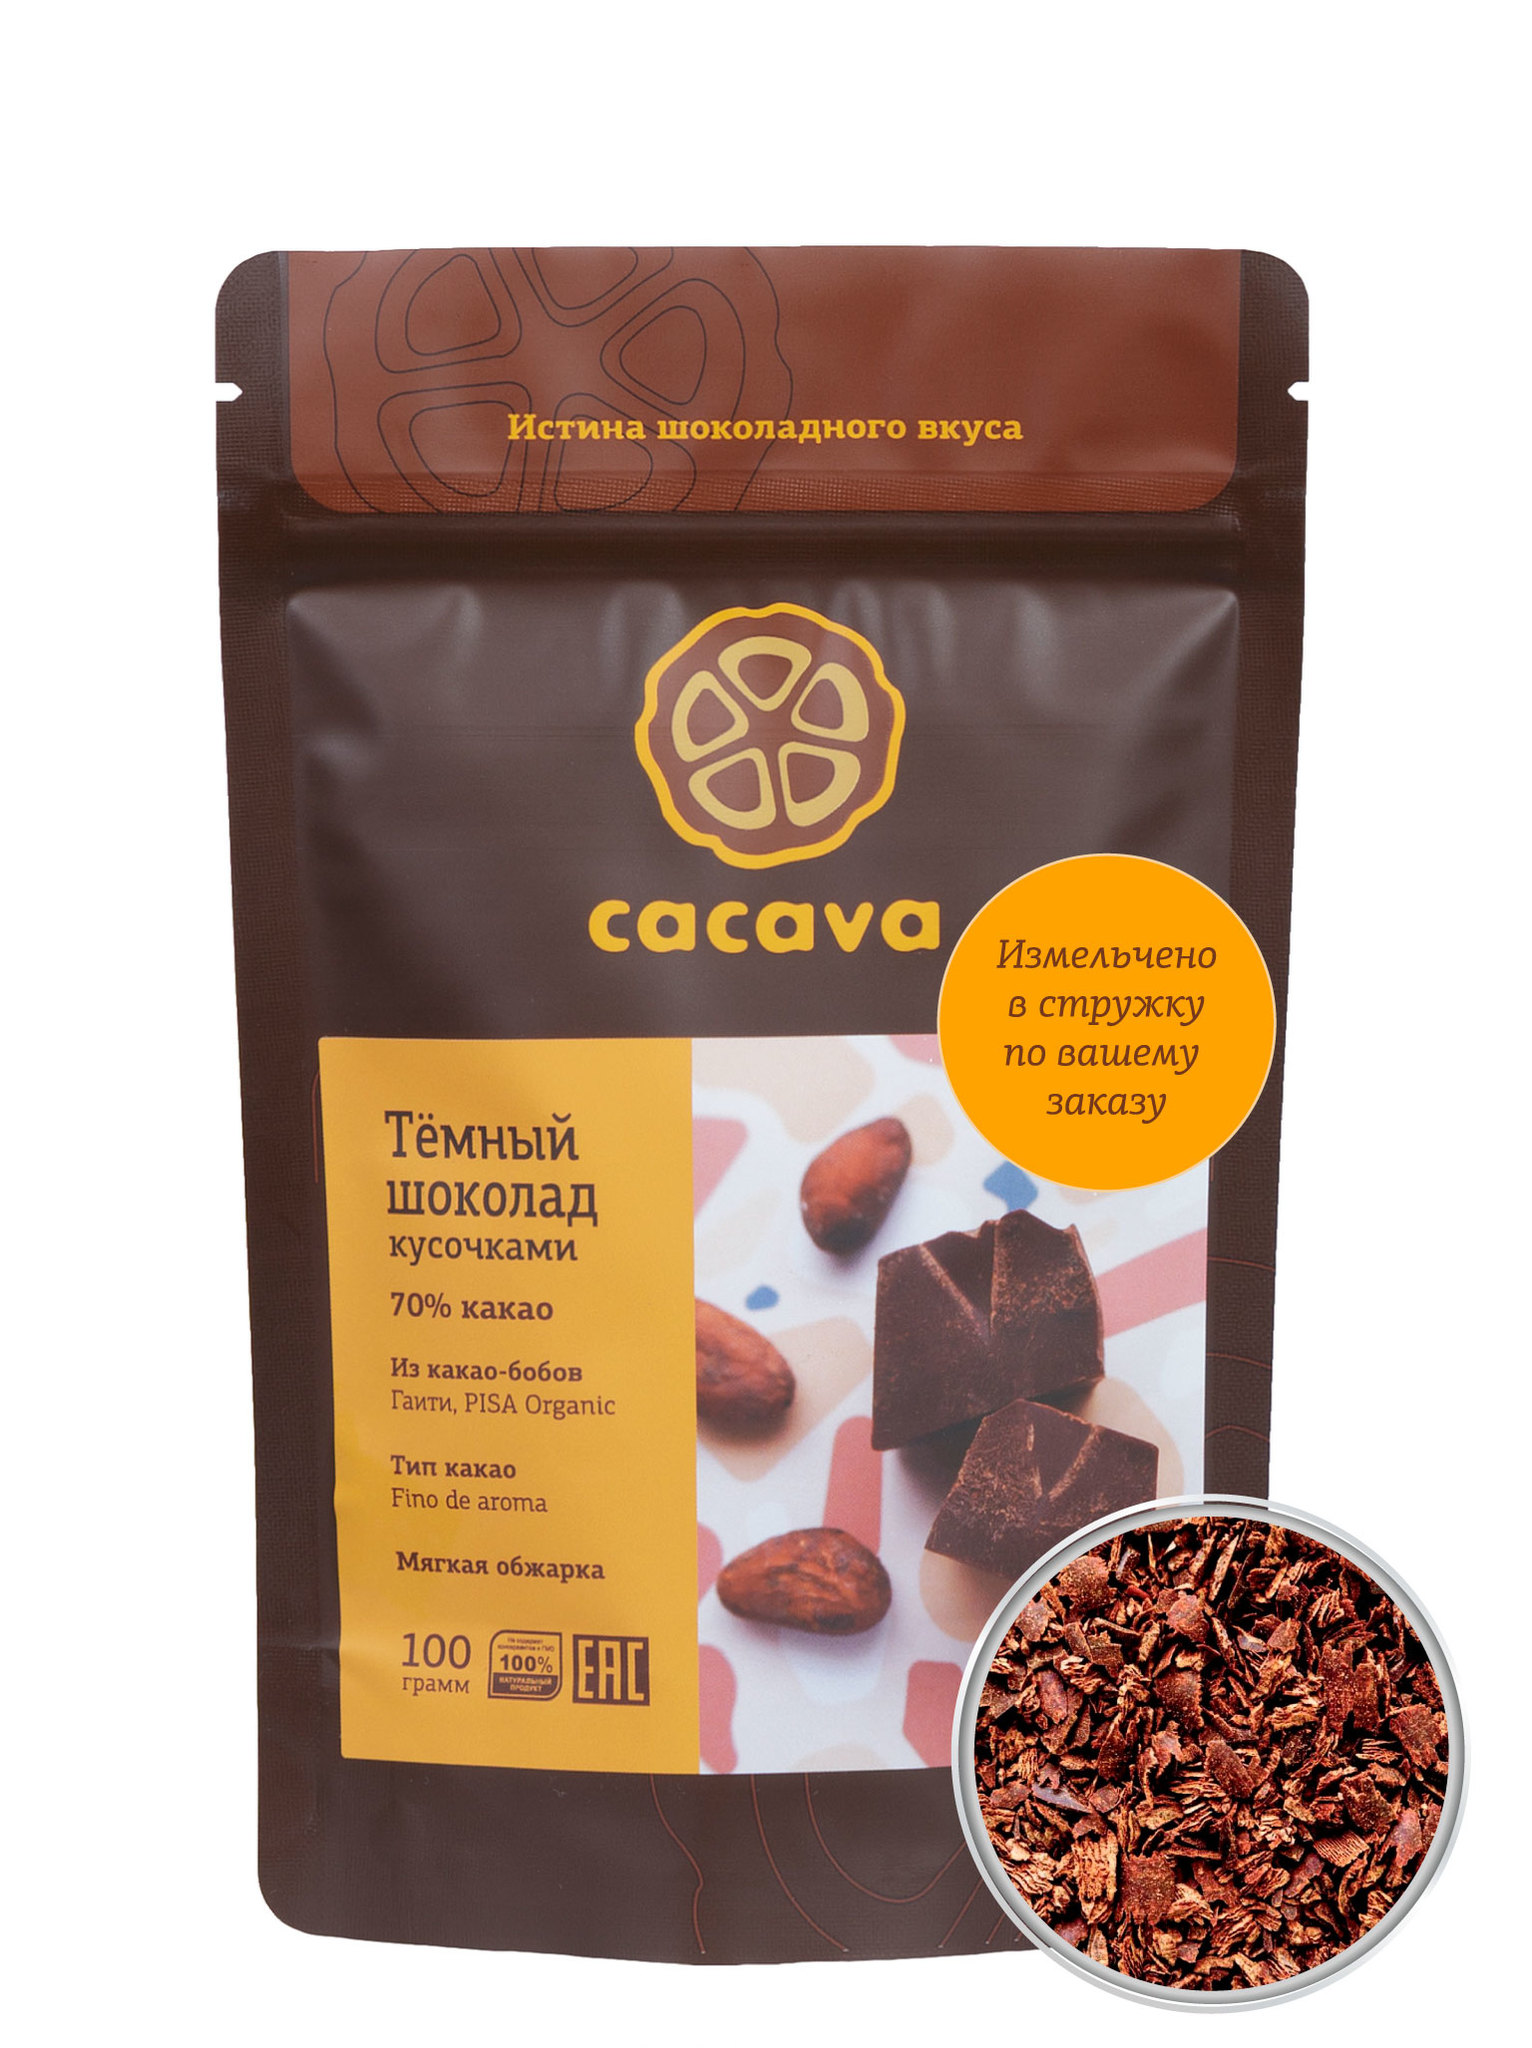 Тёмный шоколад 70 % какао в стружке (Гаити), упаковка 100 грамм